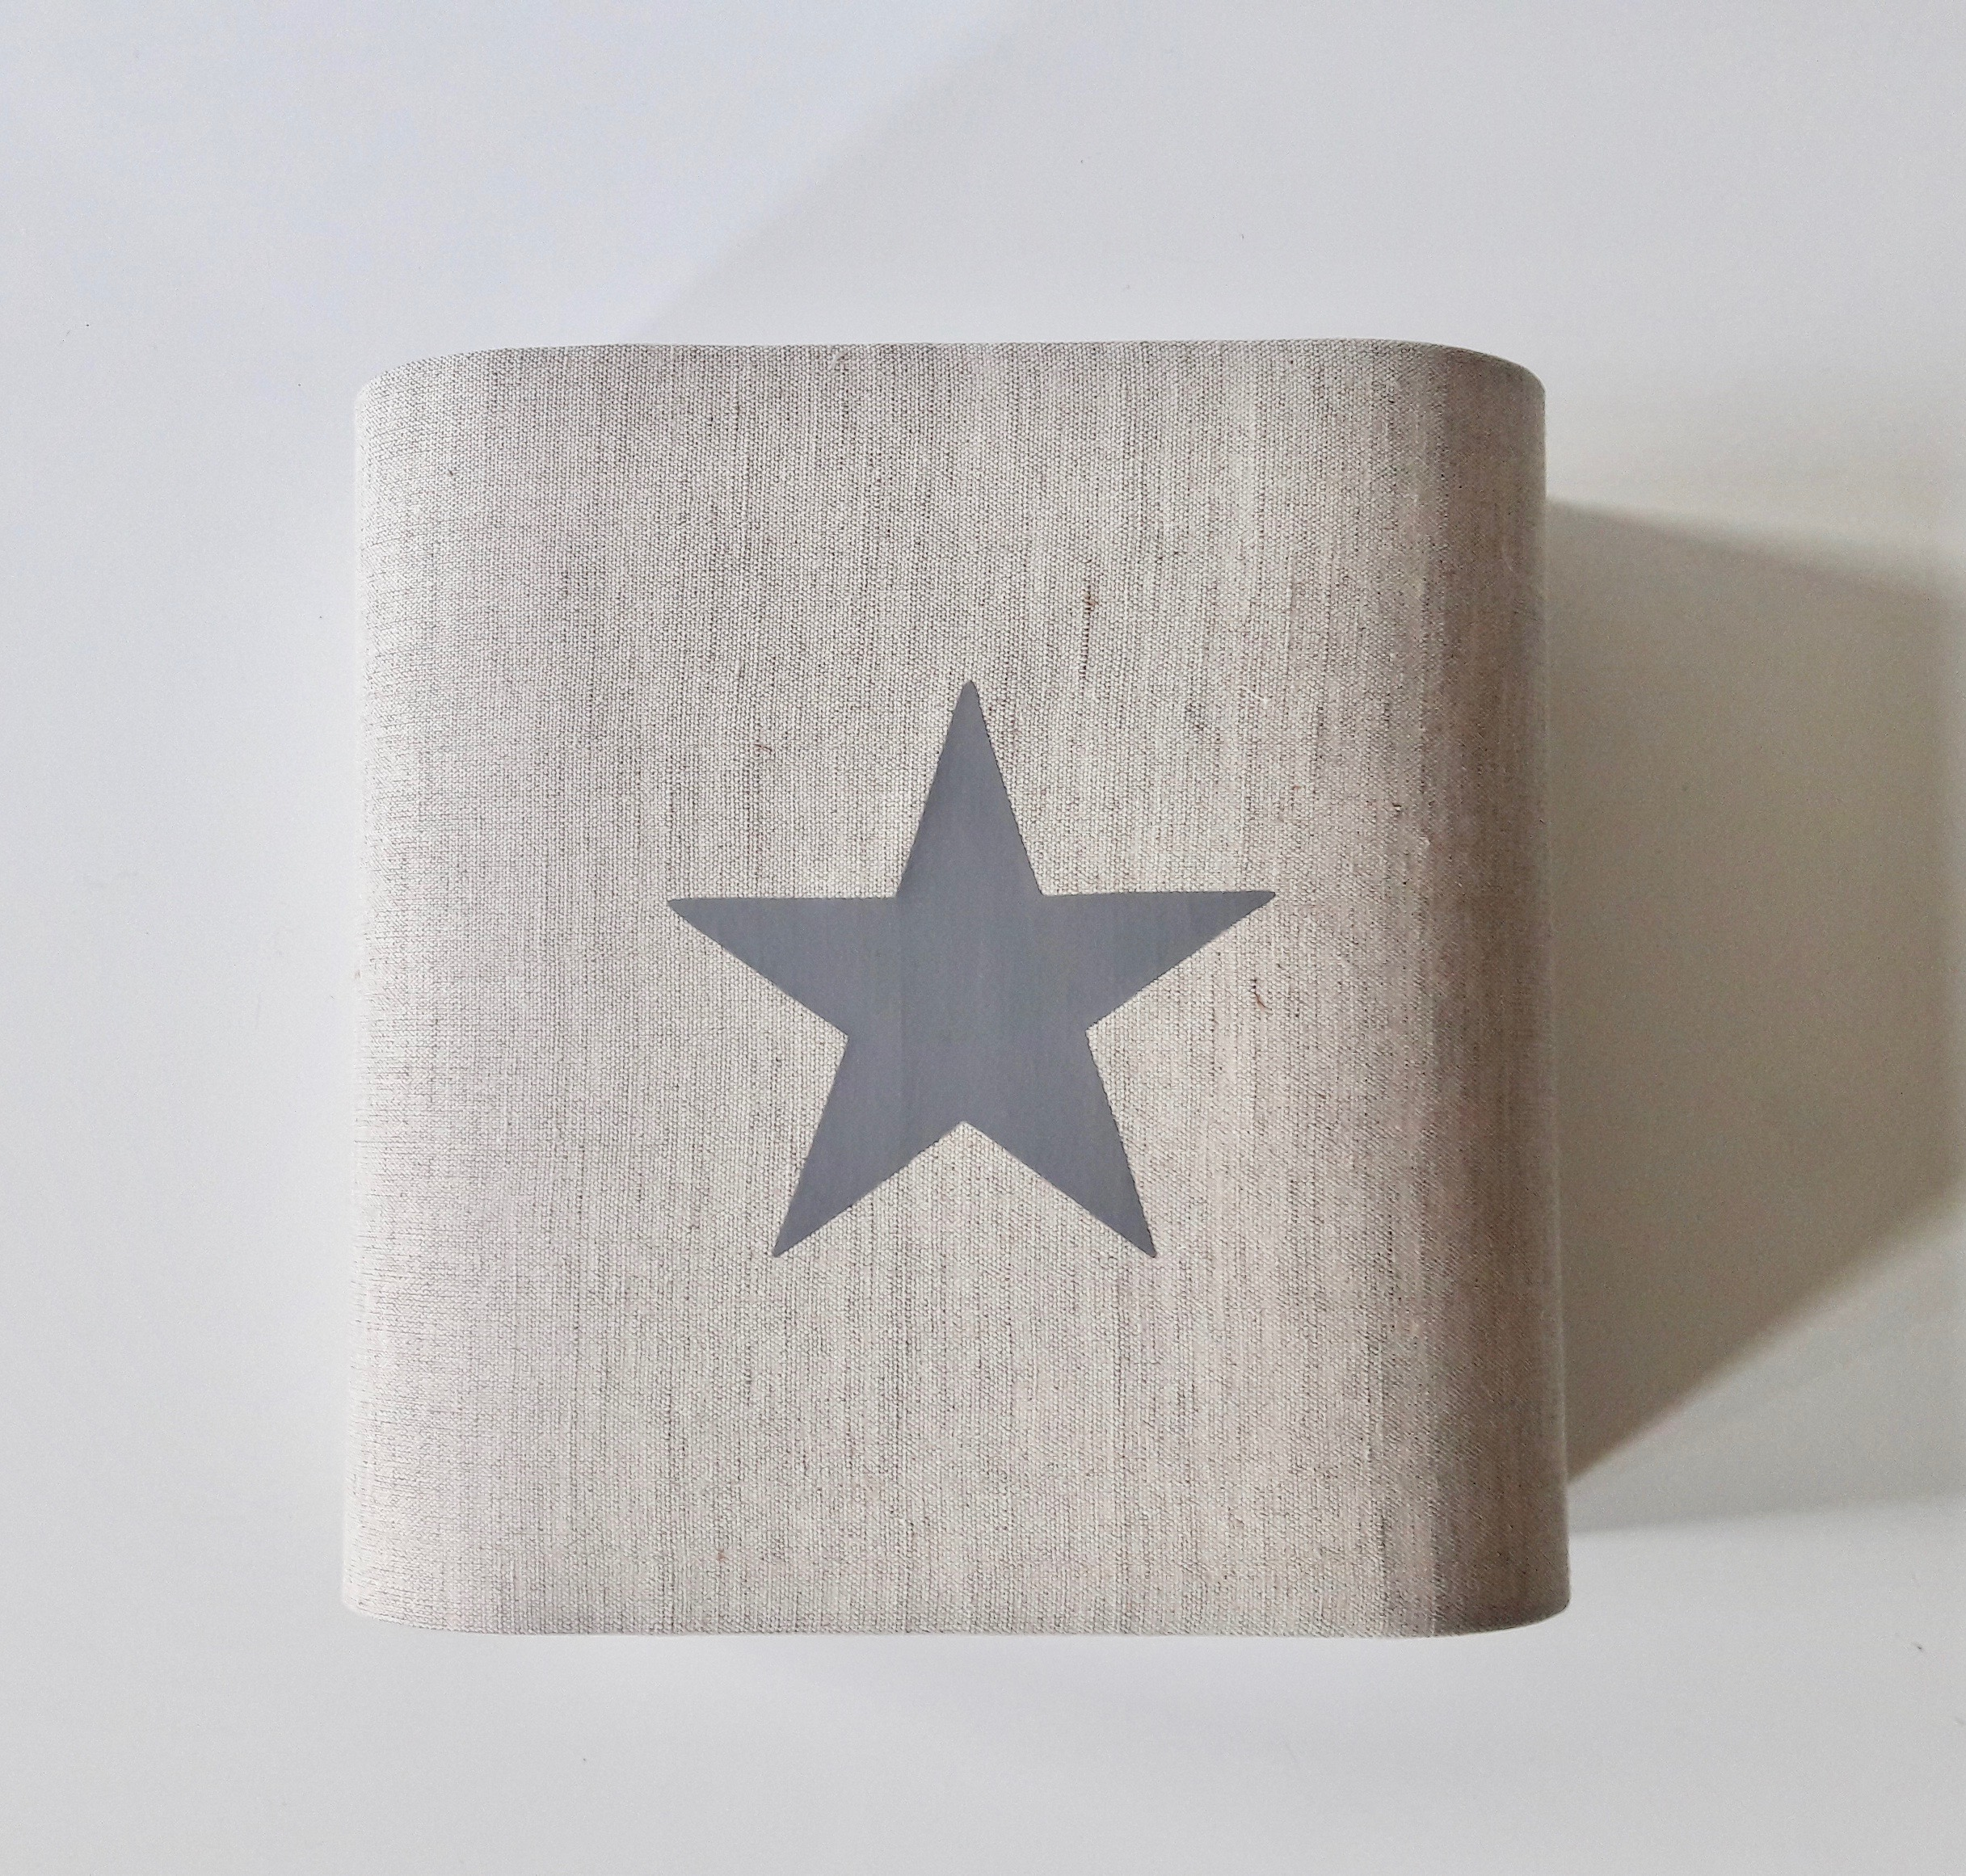 Abat-jour//Gris//étoile//tissu//e27